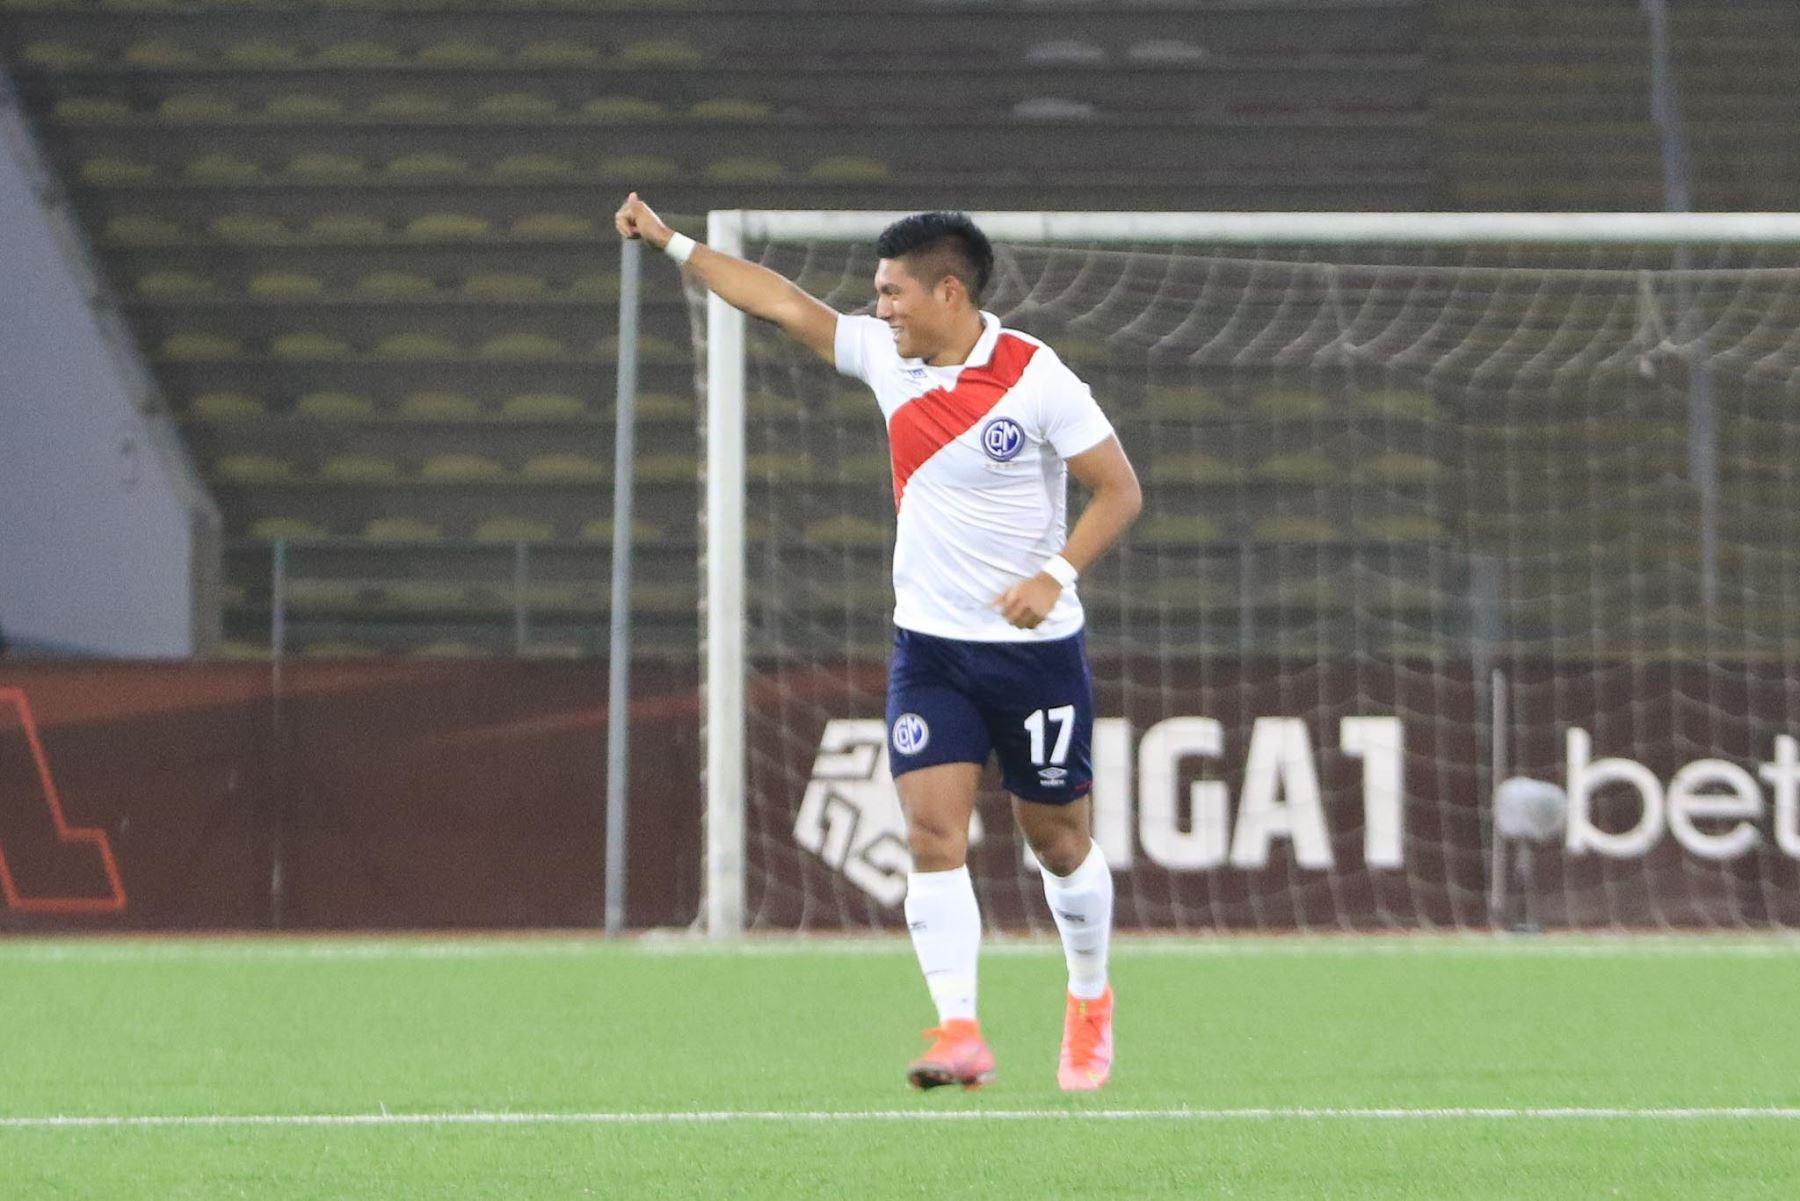 Hideyoshi Arakaki del Deportivo Municipal celebra tras marcar el 1-0 ante Cienciano durante partido por la cuarta fecha de la Liga 1, en el Estadio San Marcos. Foto: Liga 1